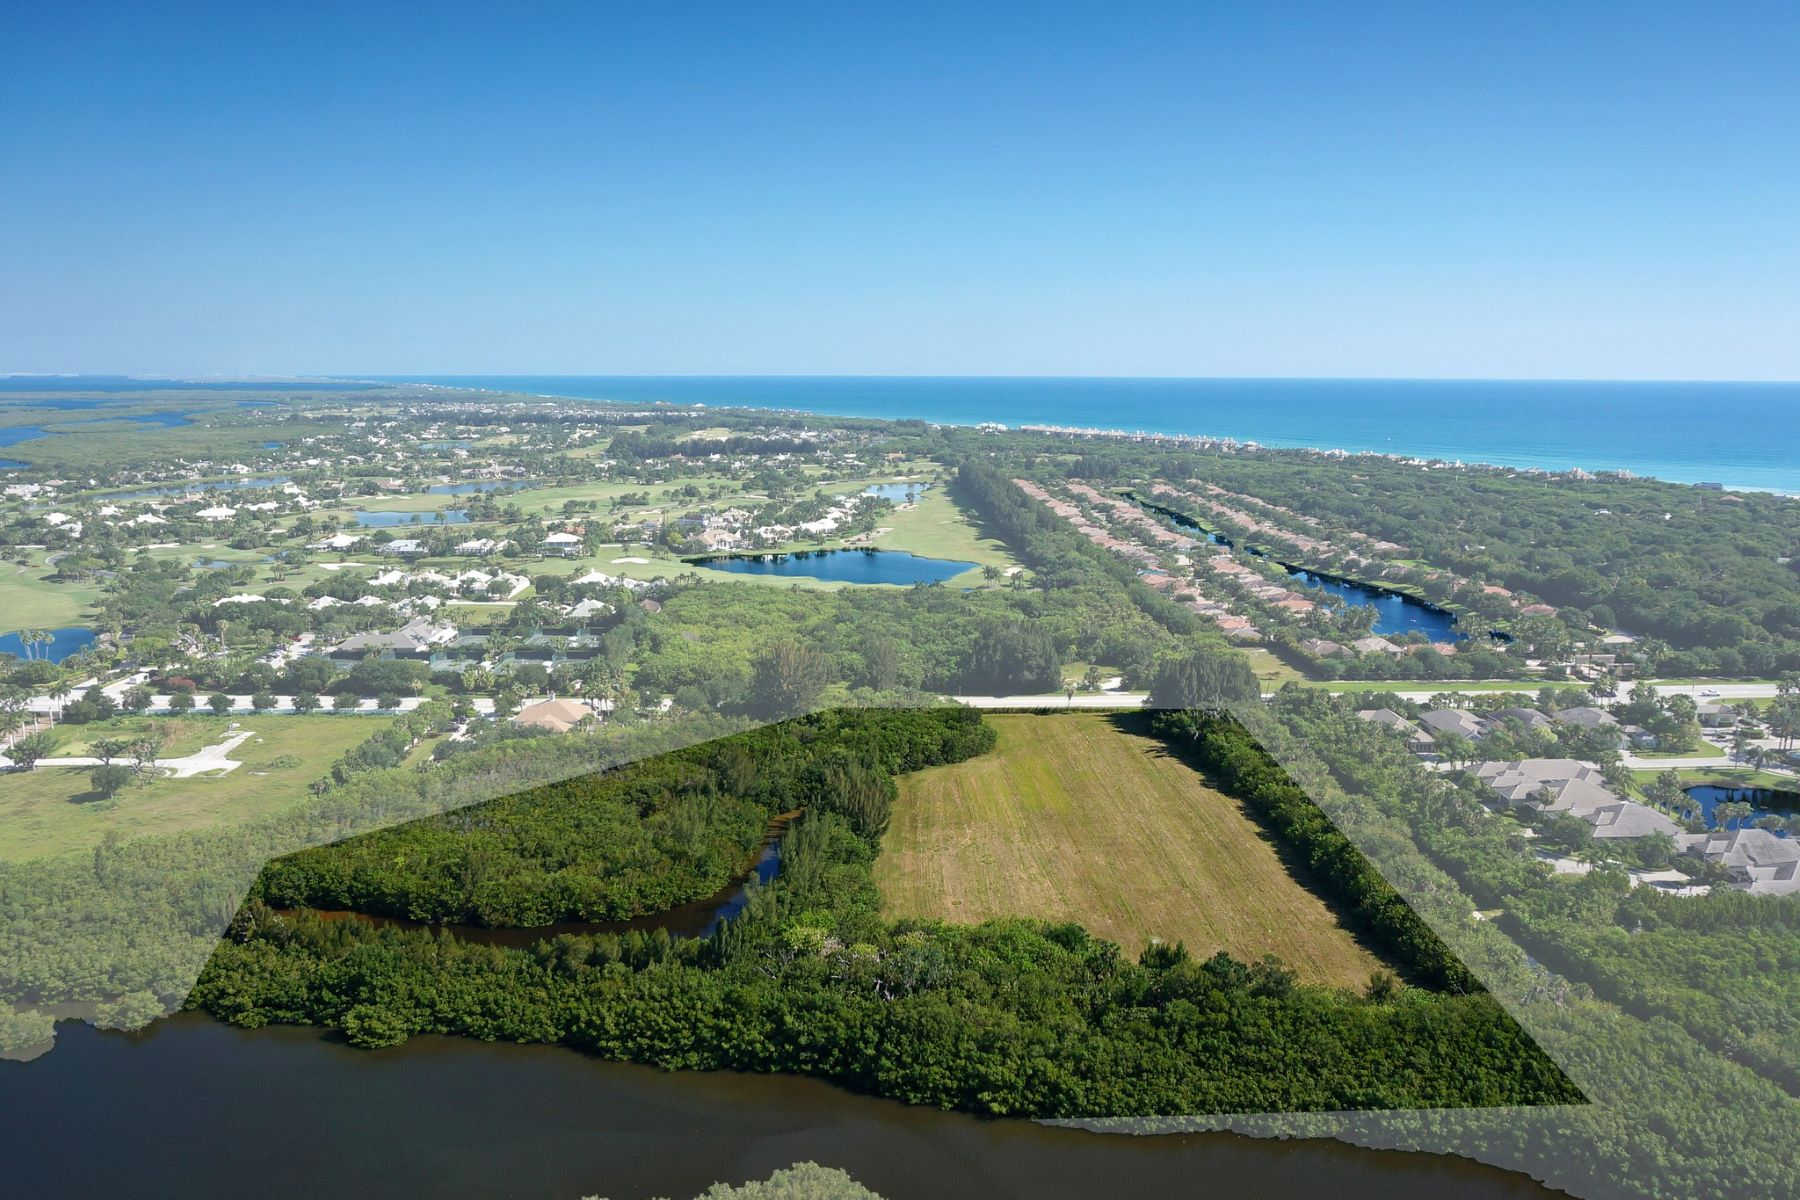 Terreno per Vendita alle ore Rare Waterfront Development C R 510 Vero Beach, Florida, 32963 Stati Uniti